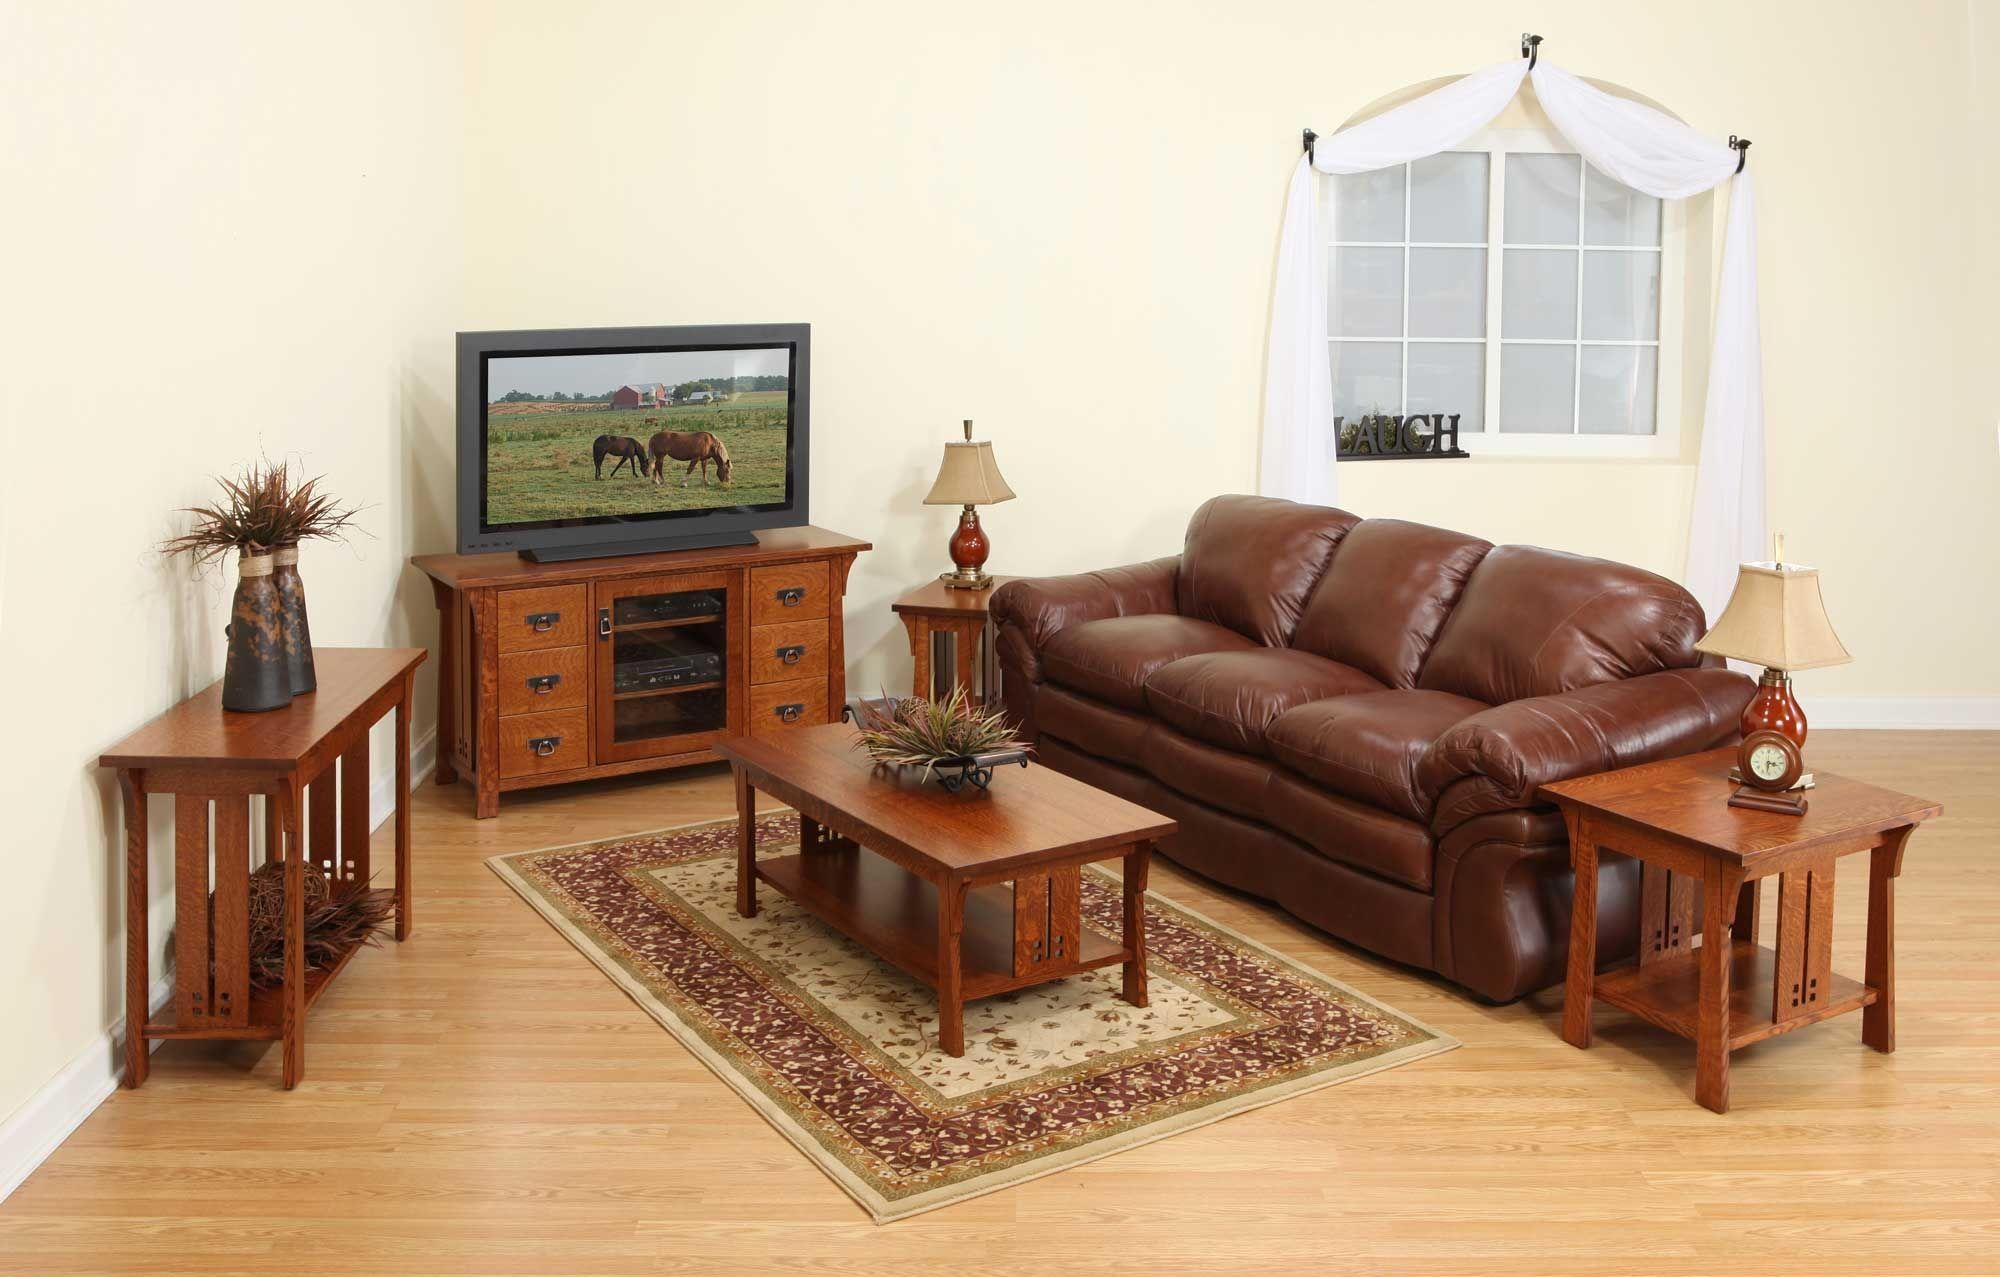 Wohnzimmer Stühle ~ Stile von wohnzimmer stühle stühle